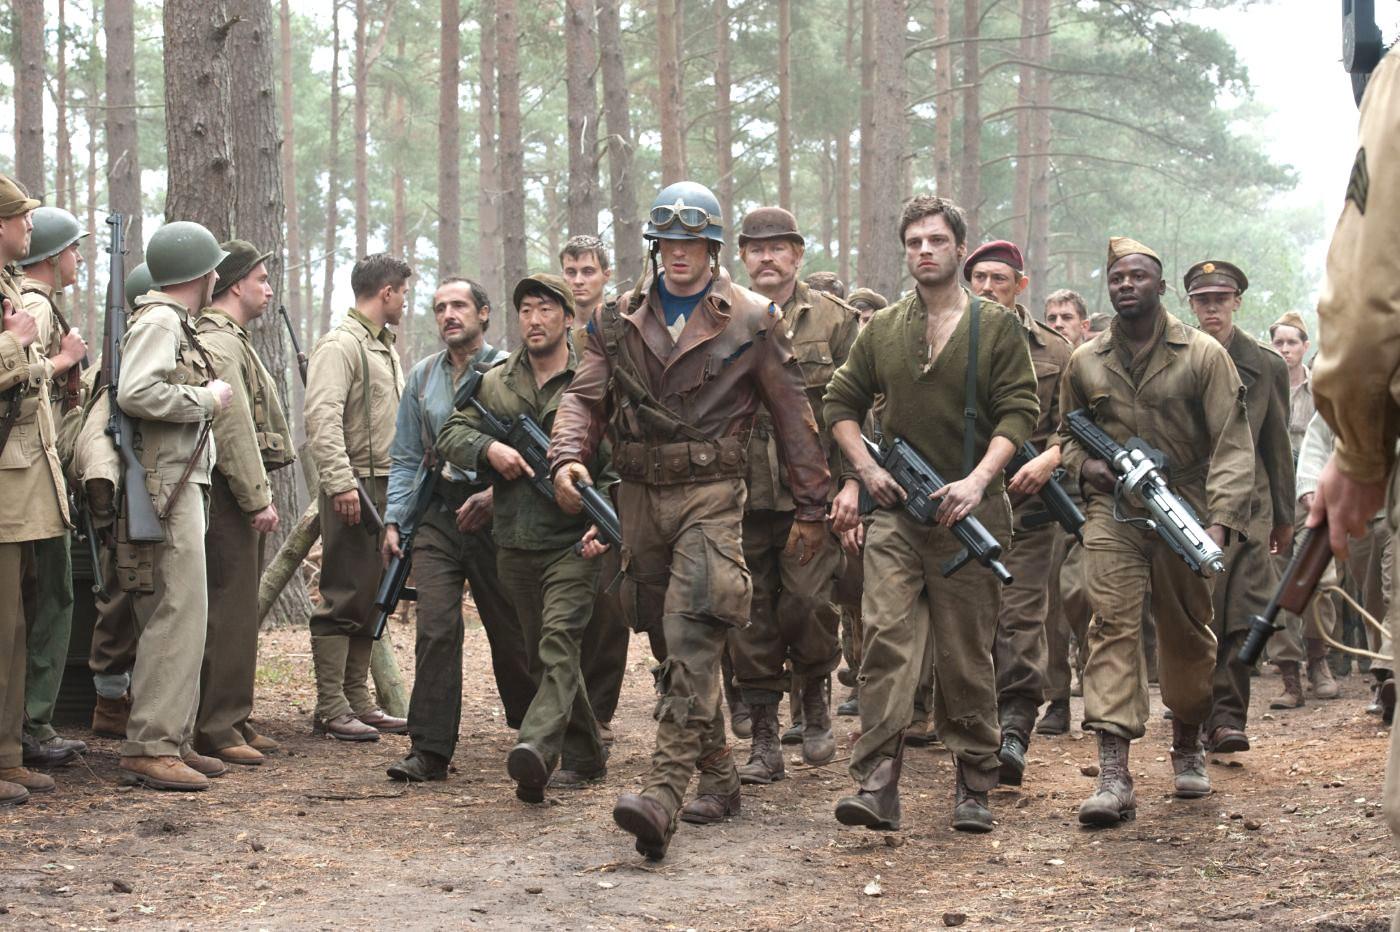 Captain America First Avenger World War II